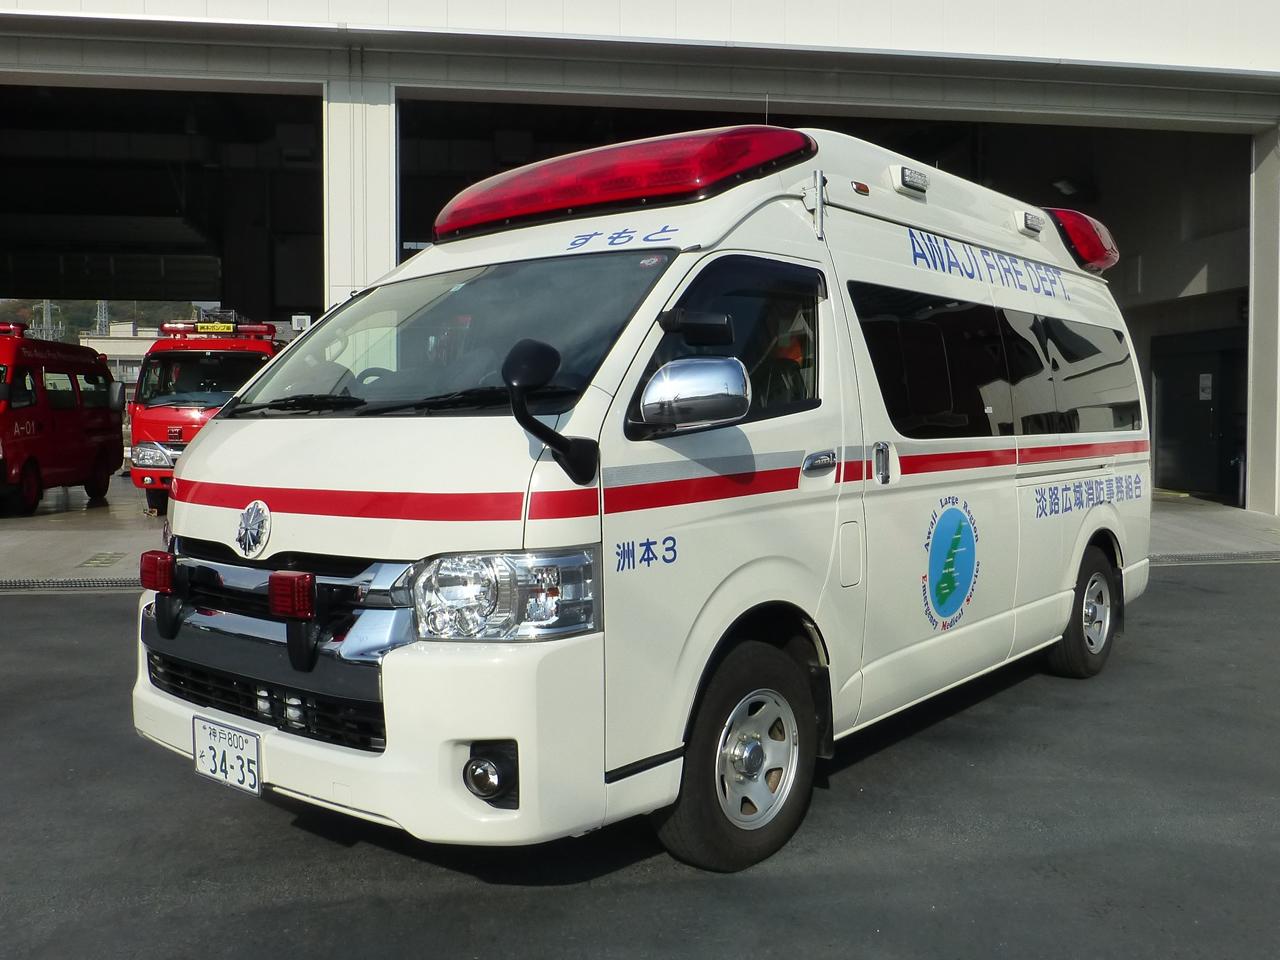 救急自動車